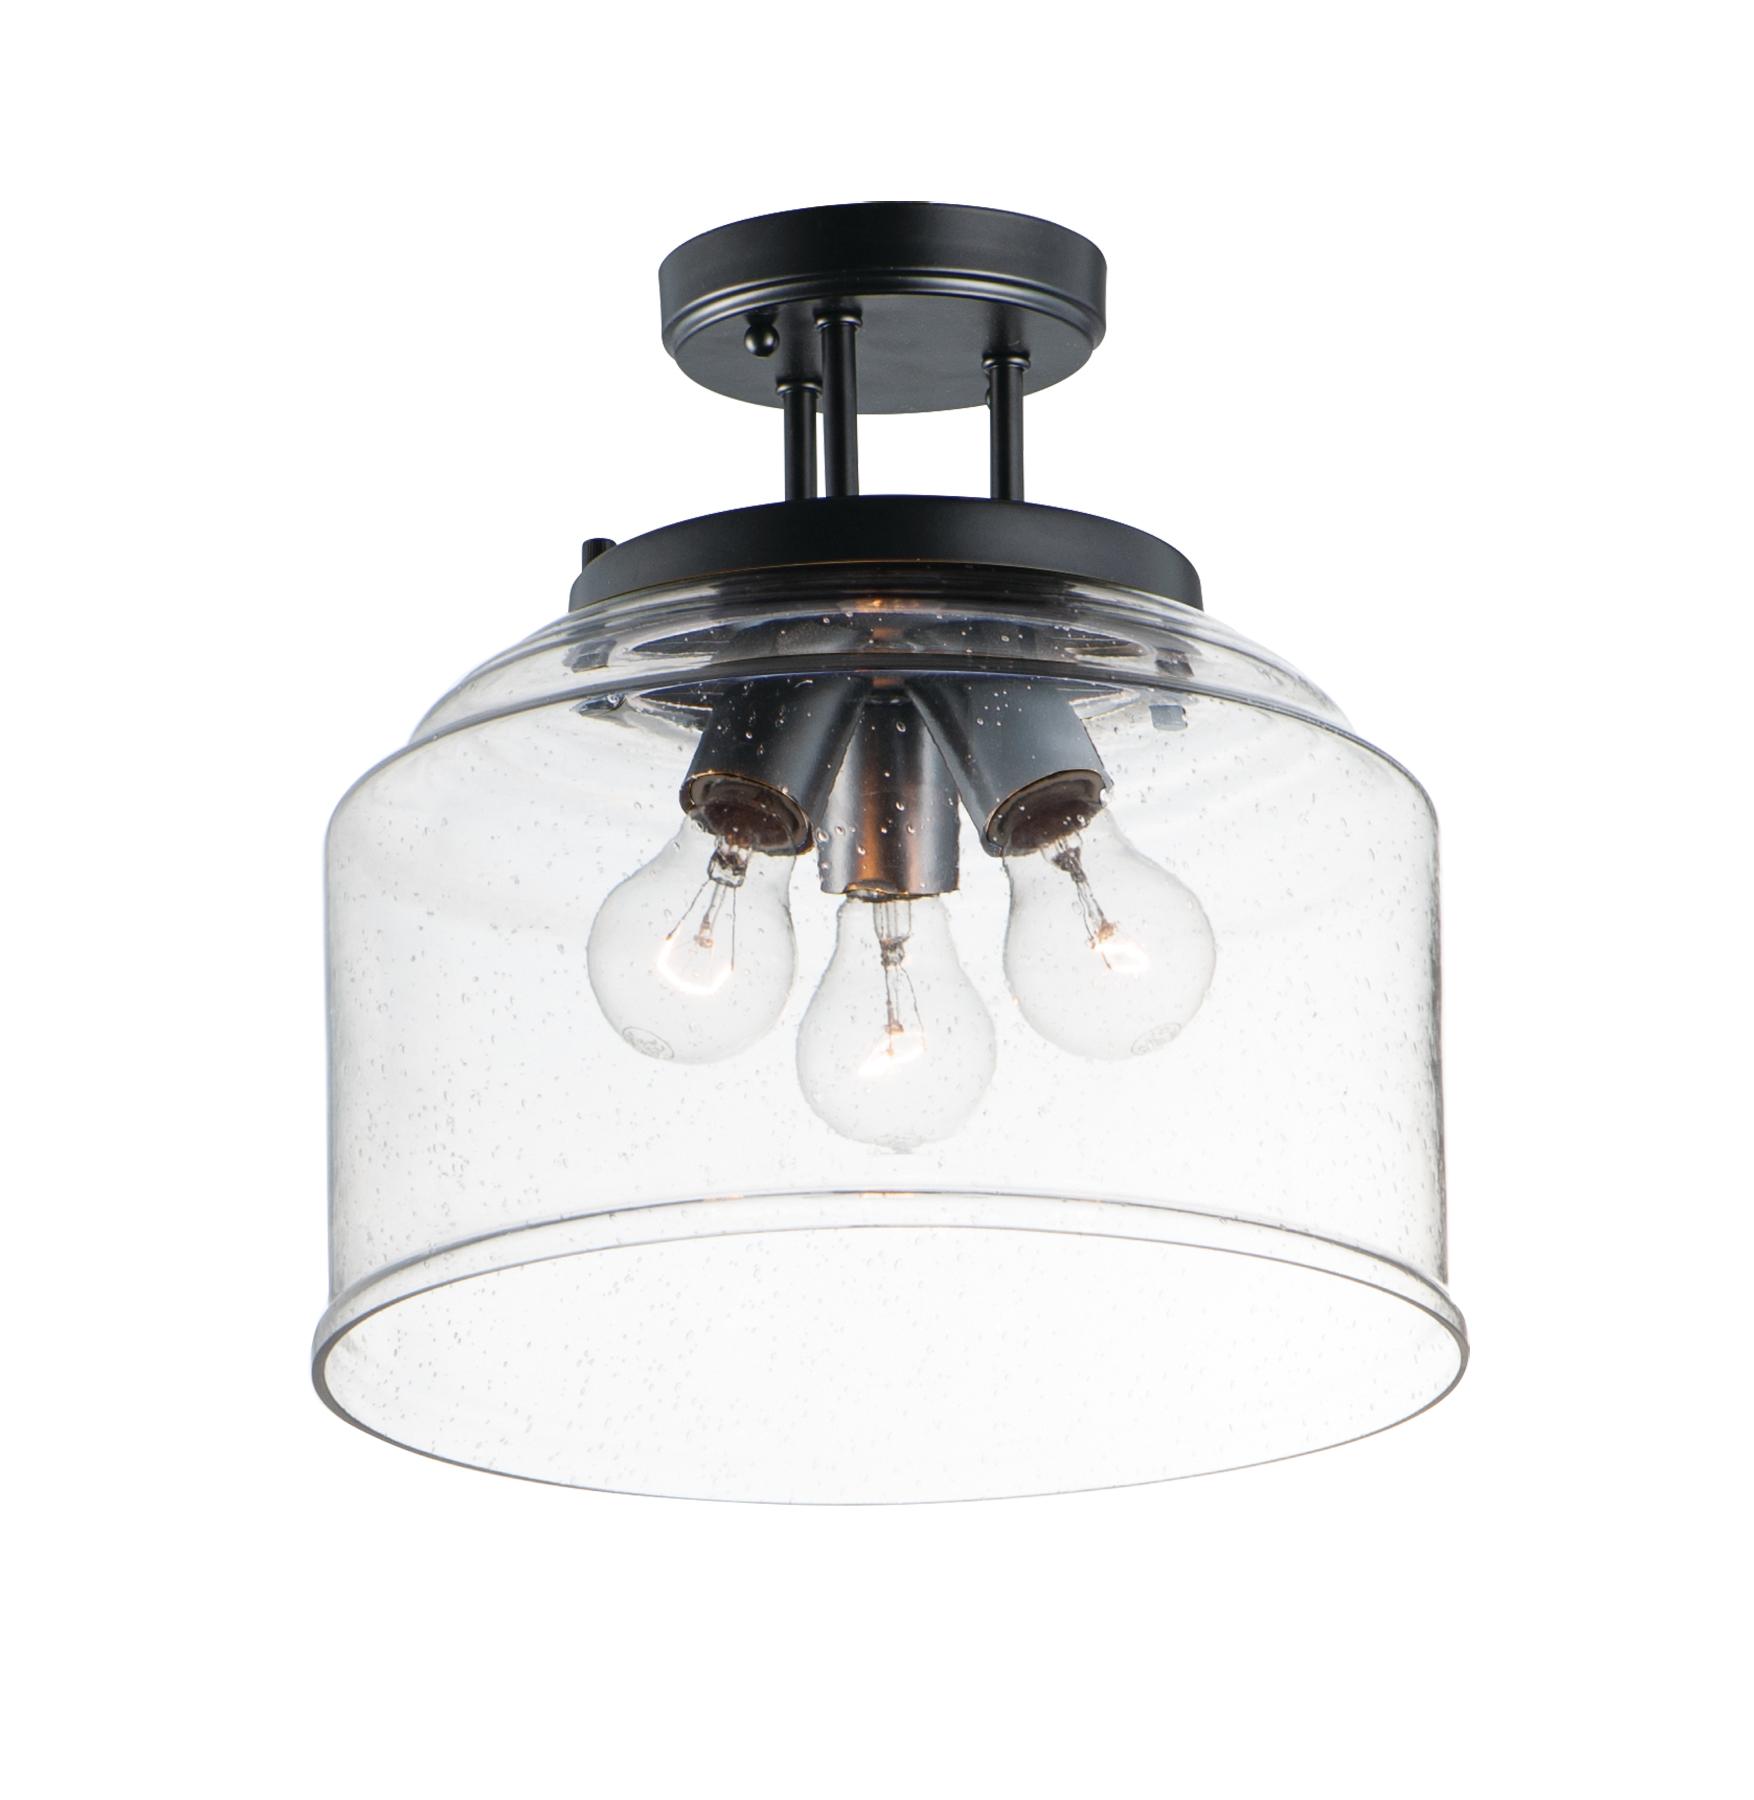 Acadia Semi Flush Mount   Maxim Lighting